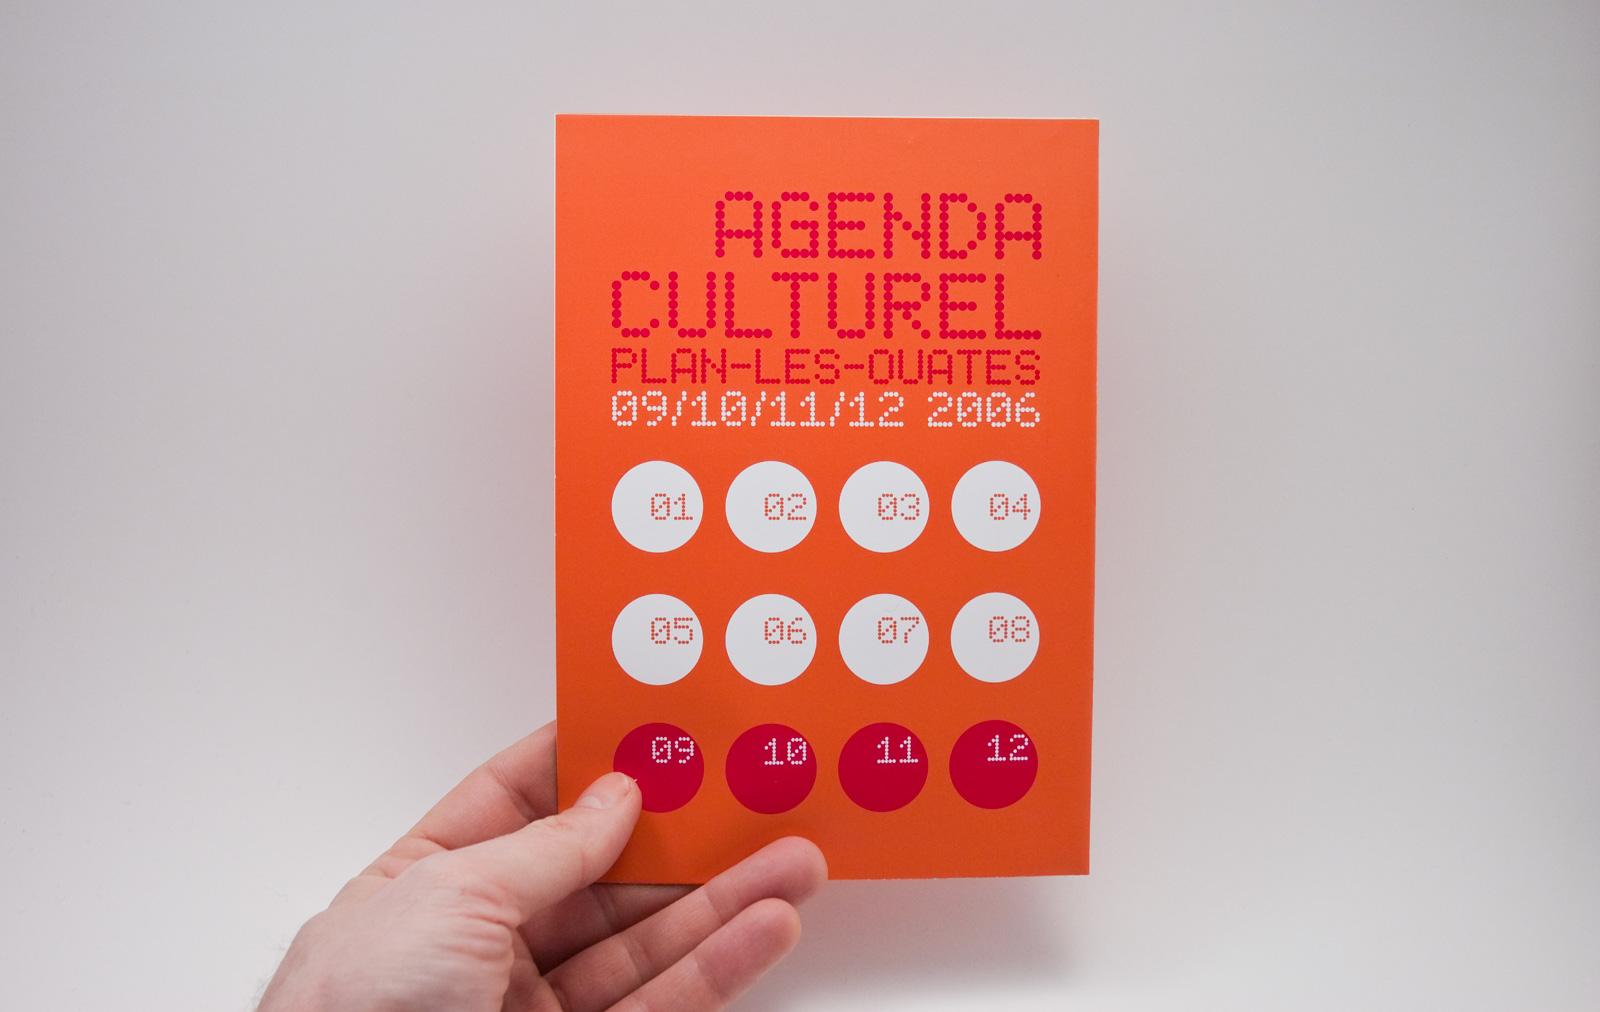 agenda3.jpg